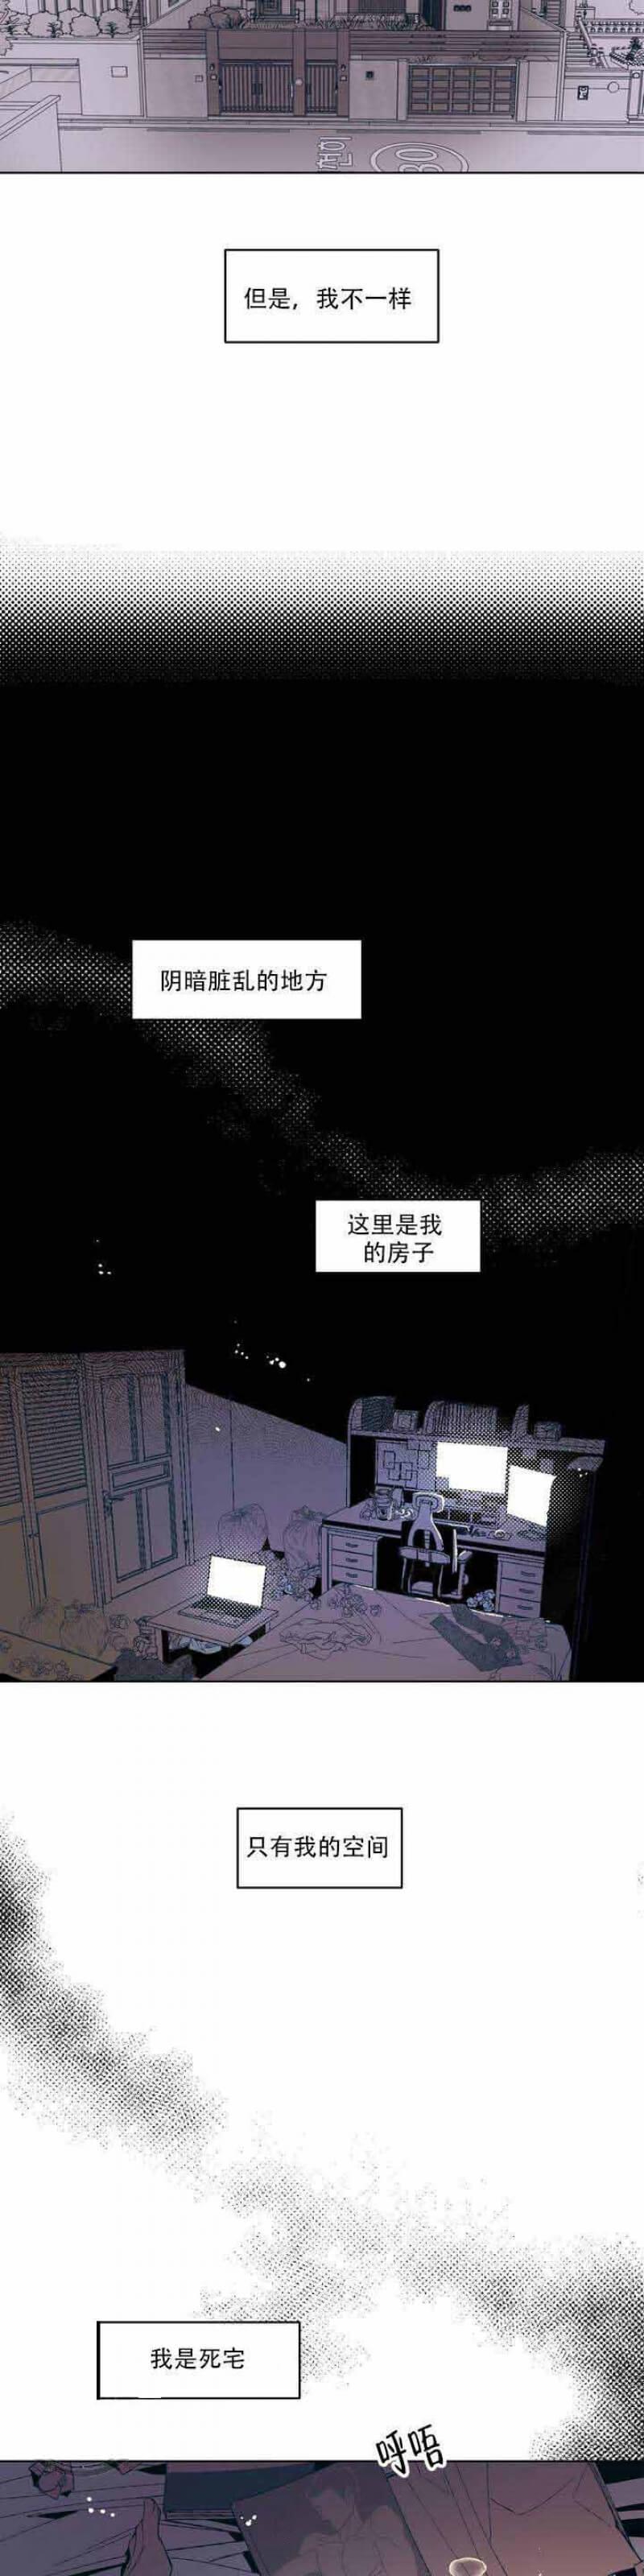 韩漫 |《偶然同居》偶然的同居,偶然的爱情!  第5张